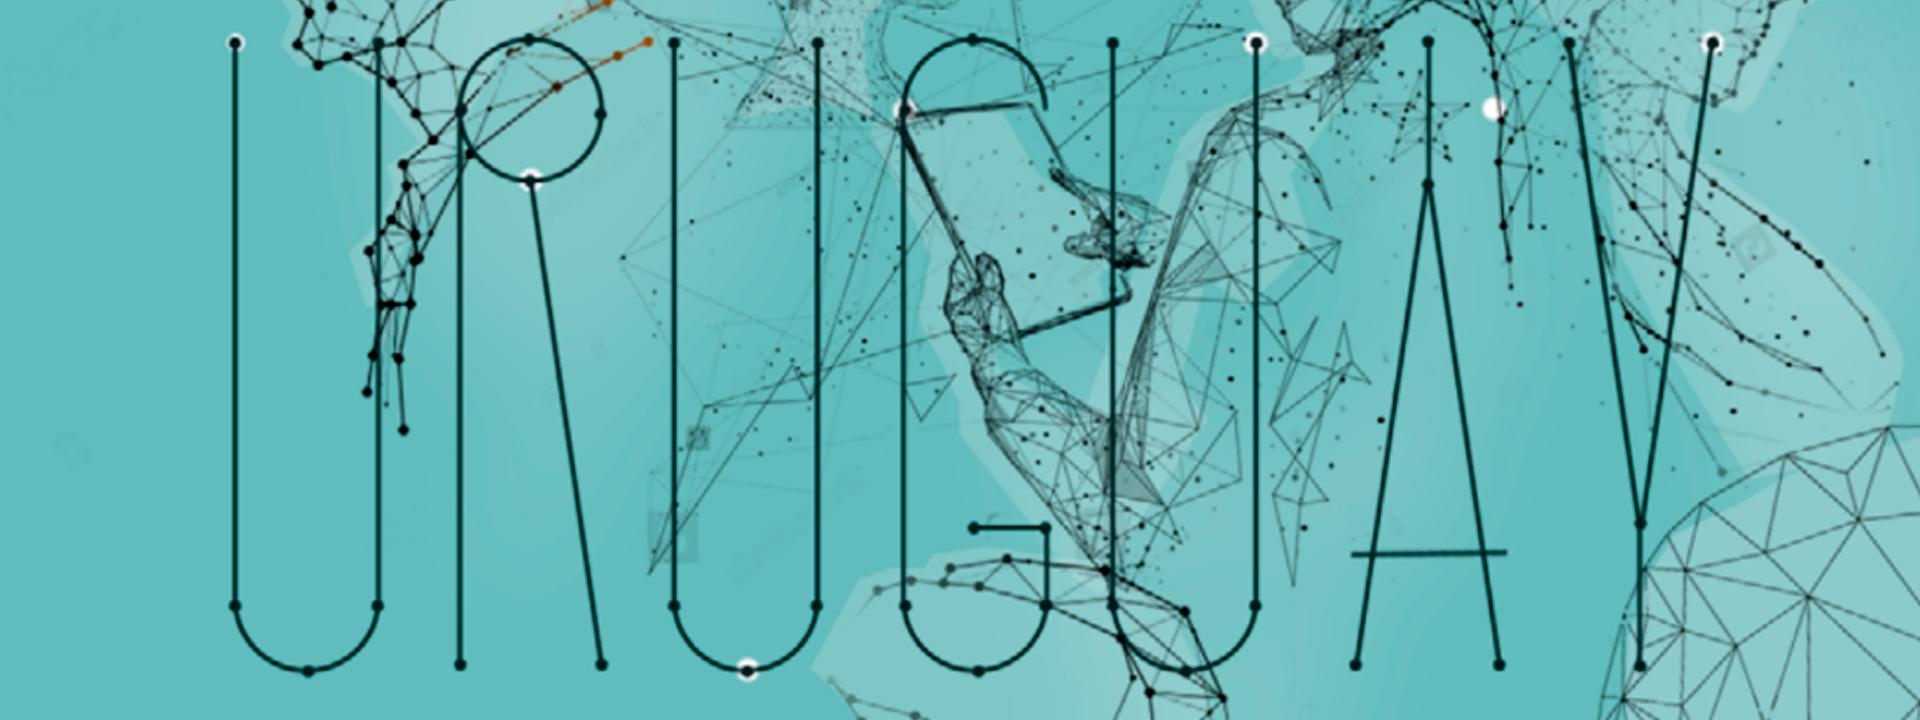 Travesía 4.0: Hacia la adopción tecnológica uruguaya